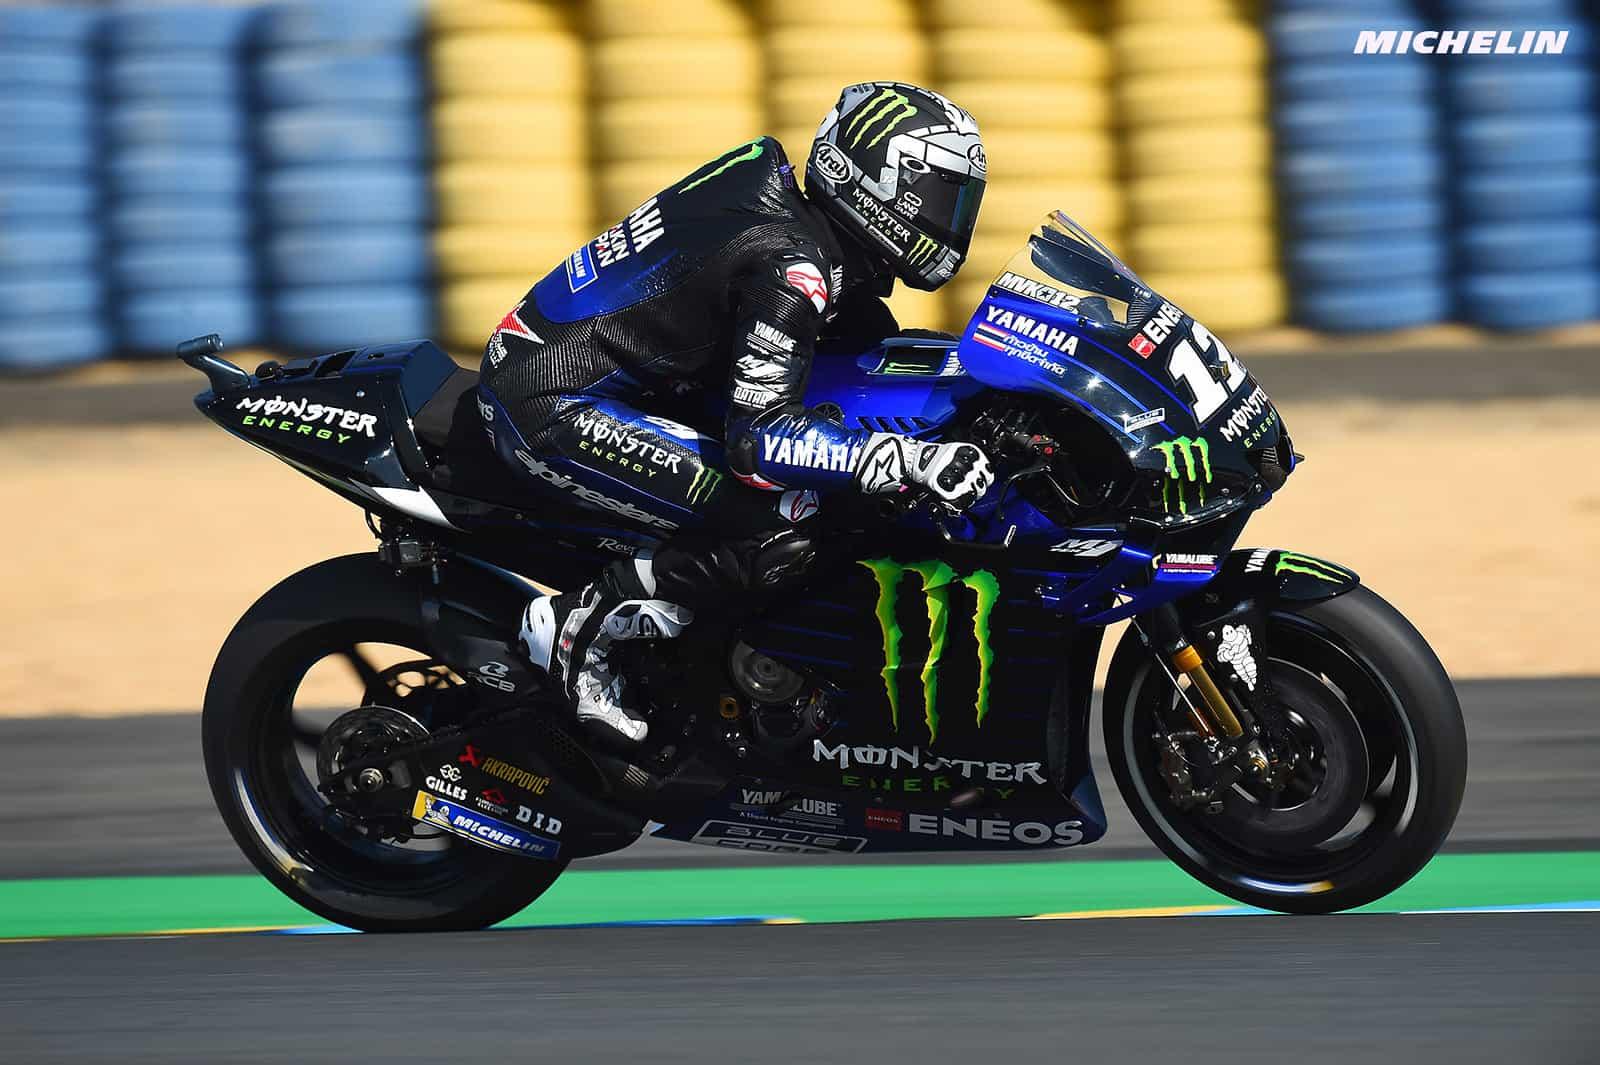 MotoGP2019フランスGP マーべリック・ビニャーレス「決断のスピードが重要になる」